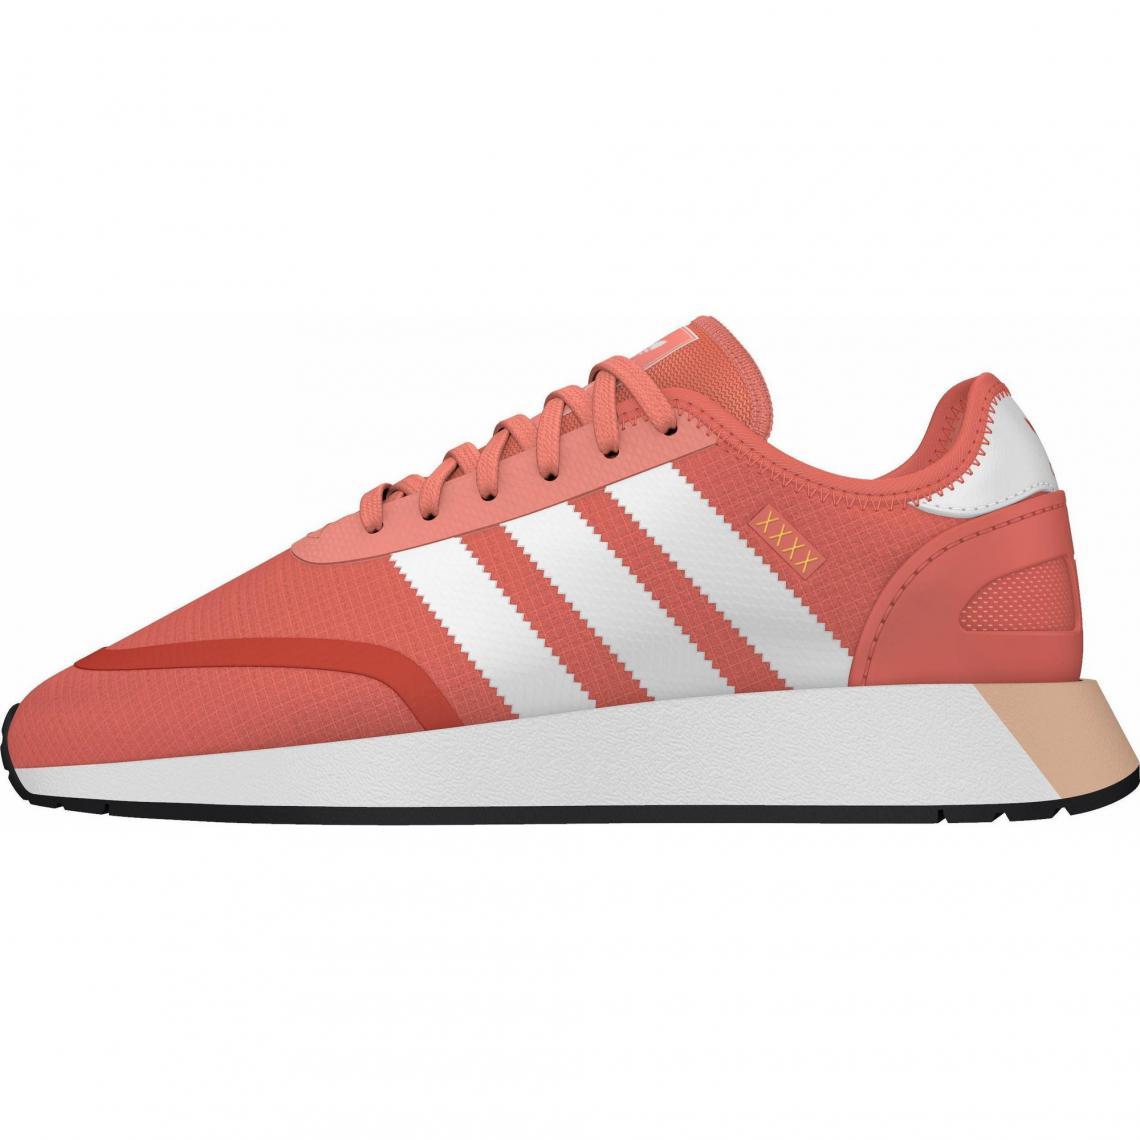 De N Originals 5923 Sport Chaussures Rose Femme Sombre Adidas nHdAtTtax